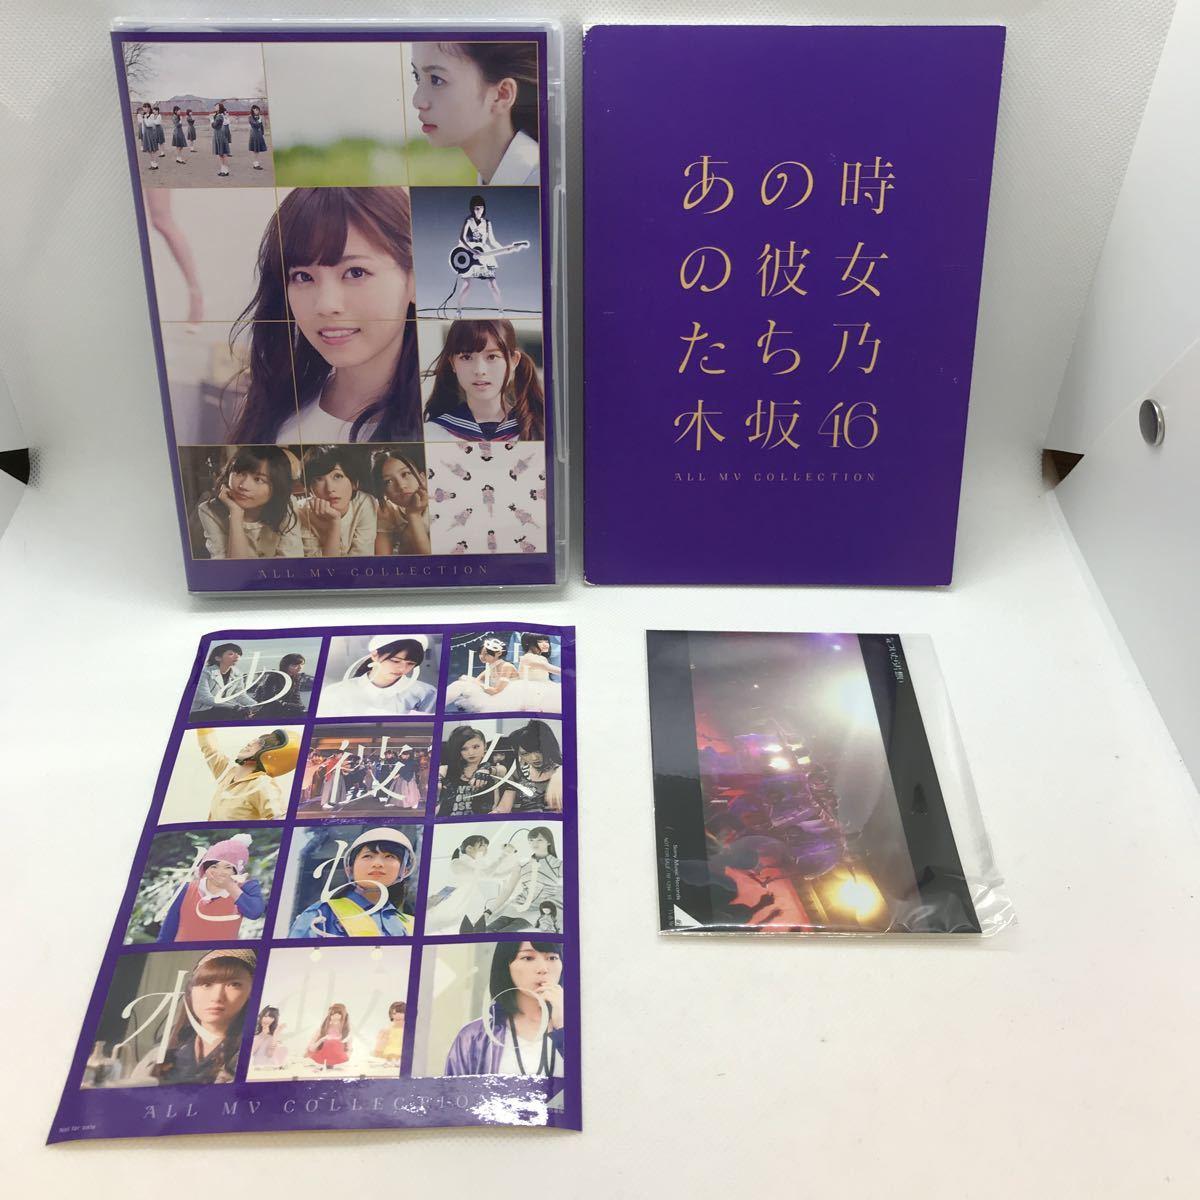 乃木坂46 ALL MV COLLECTION ~あの時の彼女たち~ 完全生産限定盤 Blu-ray 4枚組_画像5